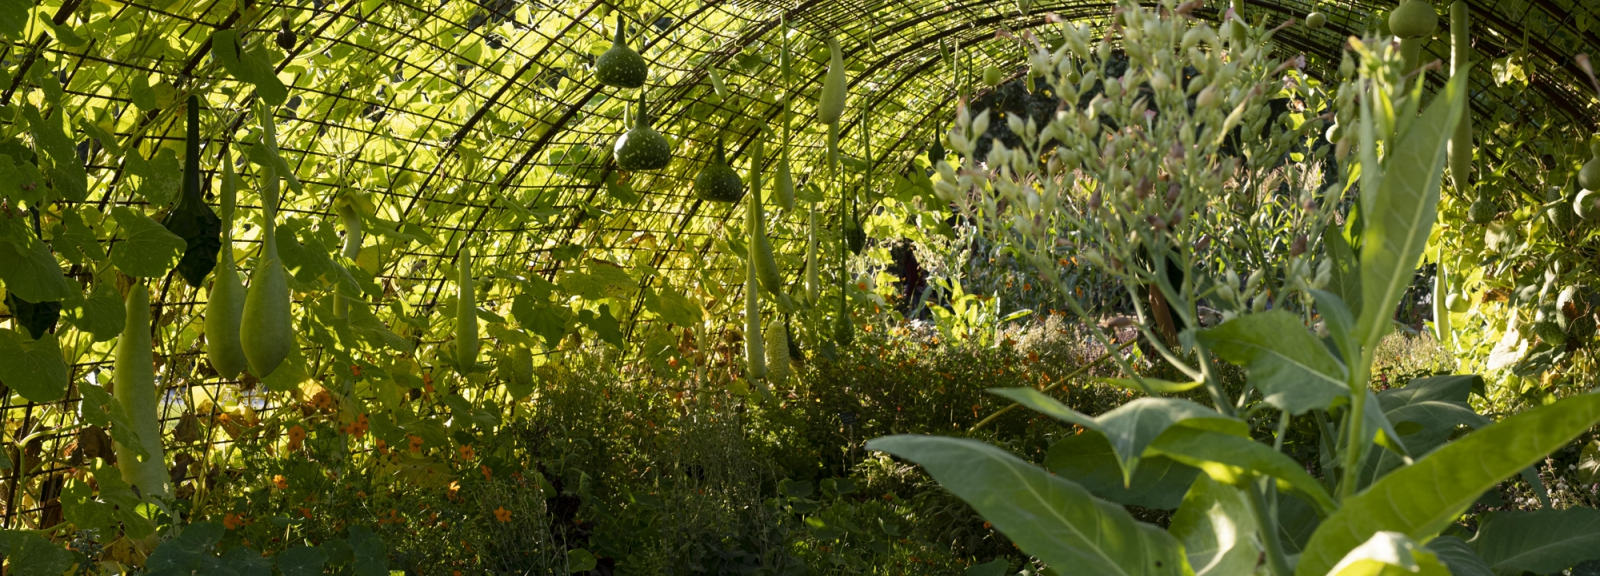 Cucurbitacées au Jardin des Plantes